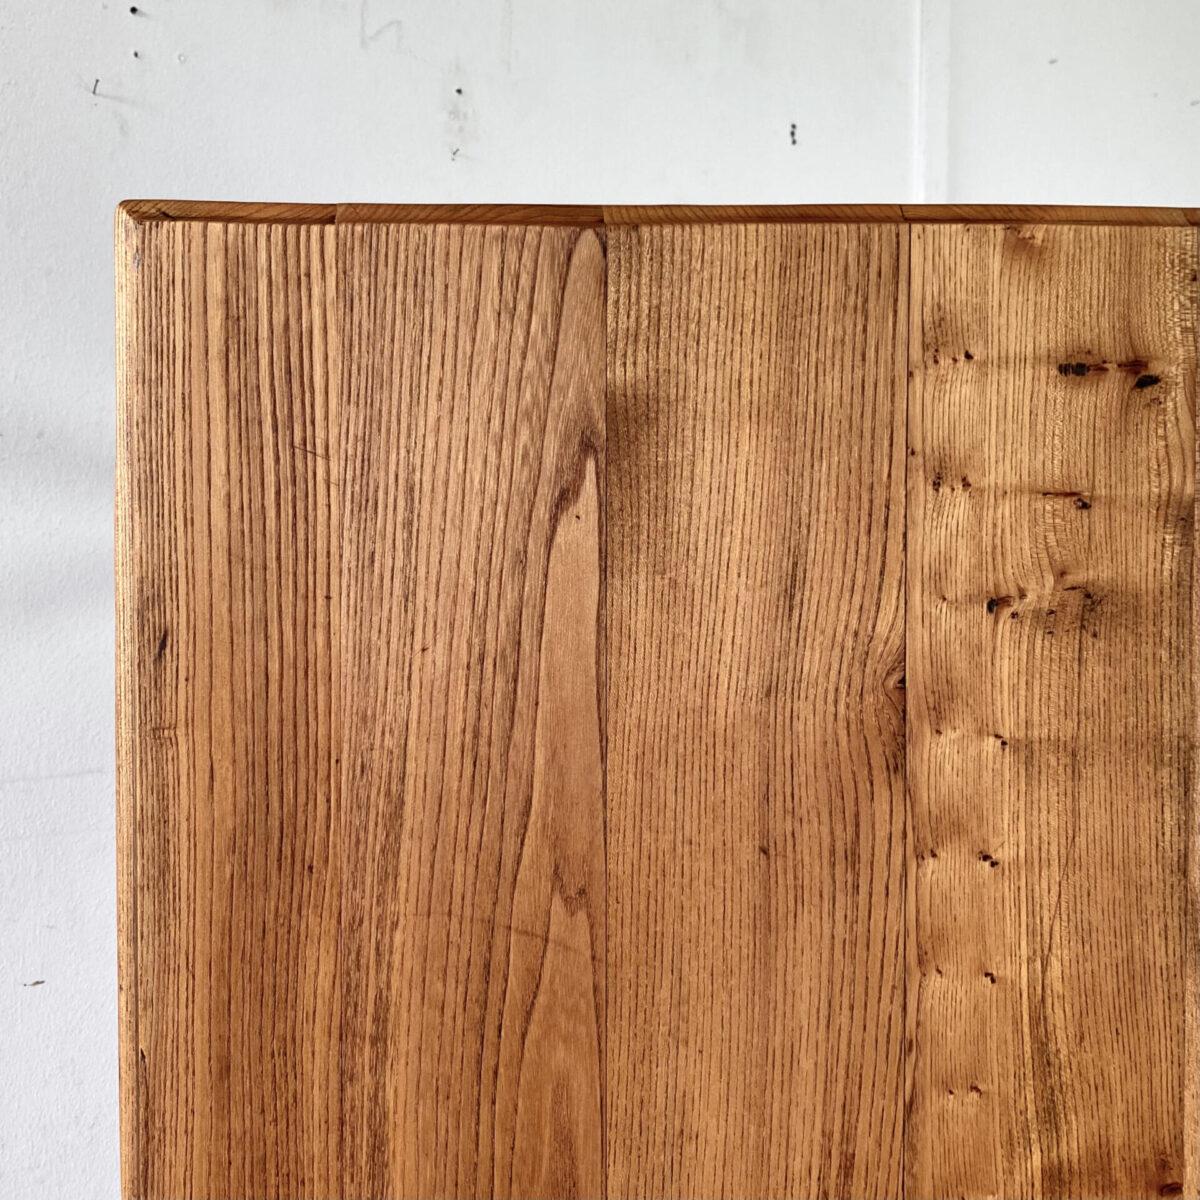 Deuxieme.shop seltener Ulmenholz Tisch mit gedrechselten Beinen. 130.5x64cm Höhe 77.5cm. Tischbeine Buchenholz gebeizt, Zargen aus Nussbaum. Das alte Ulmenholz Tischblatt, mit karnis Kante, ist leicht uneben. Schöne warme Ausstrahlung mit Alterspatina. Die Holzoberflächen sind mit Naturöl behandelt. Es finden bis zu 6 Personen daran Platz.